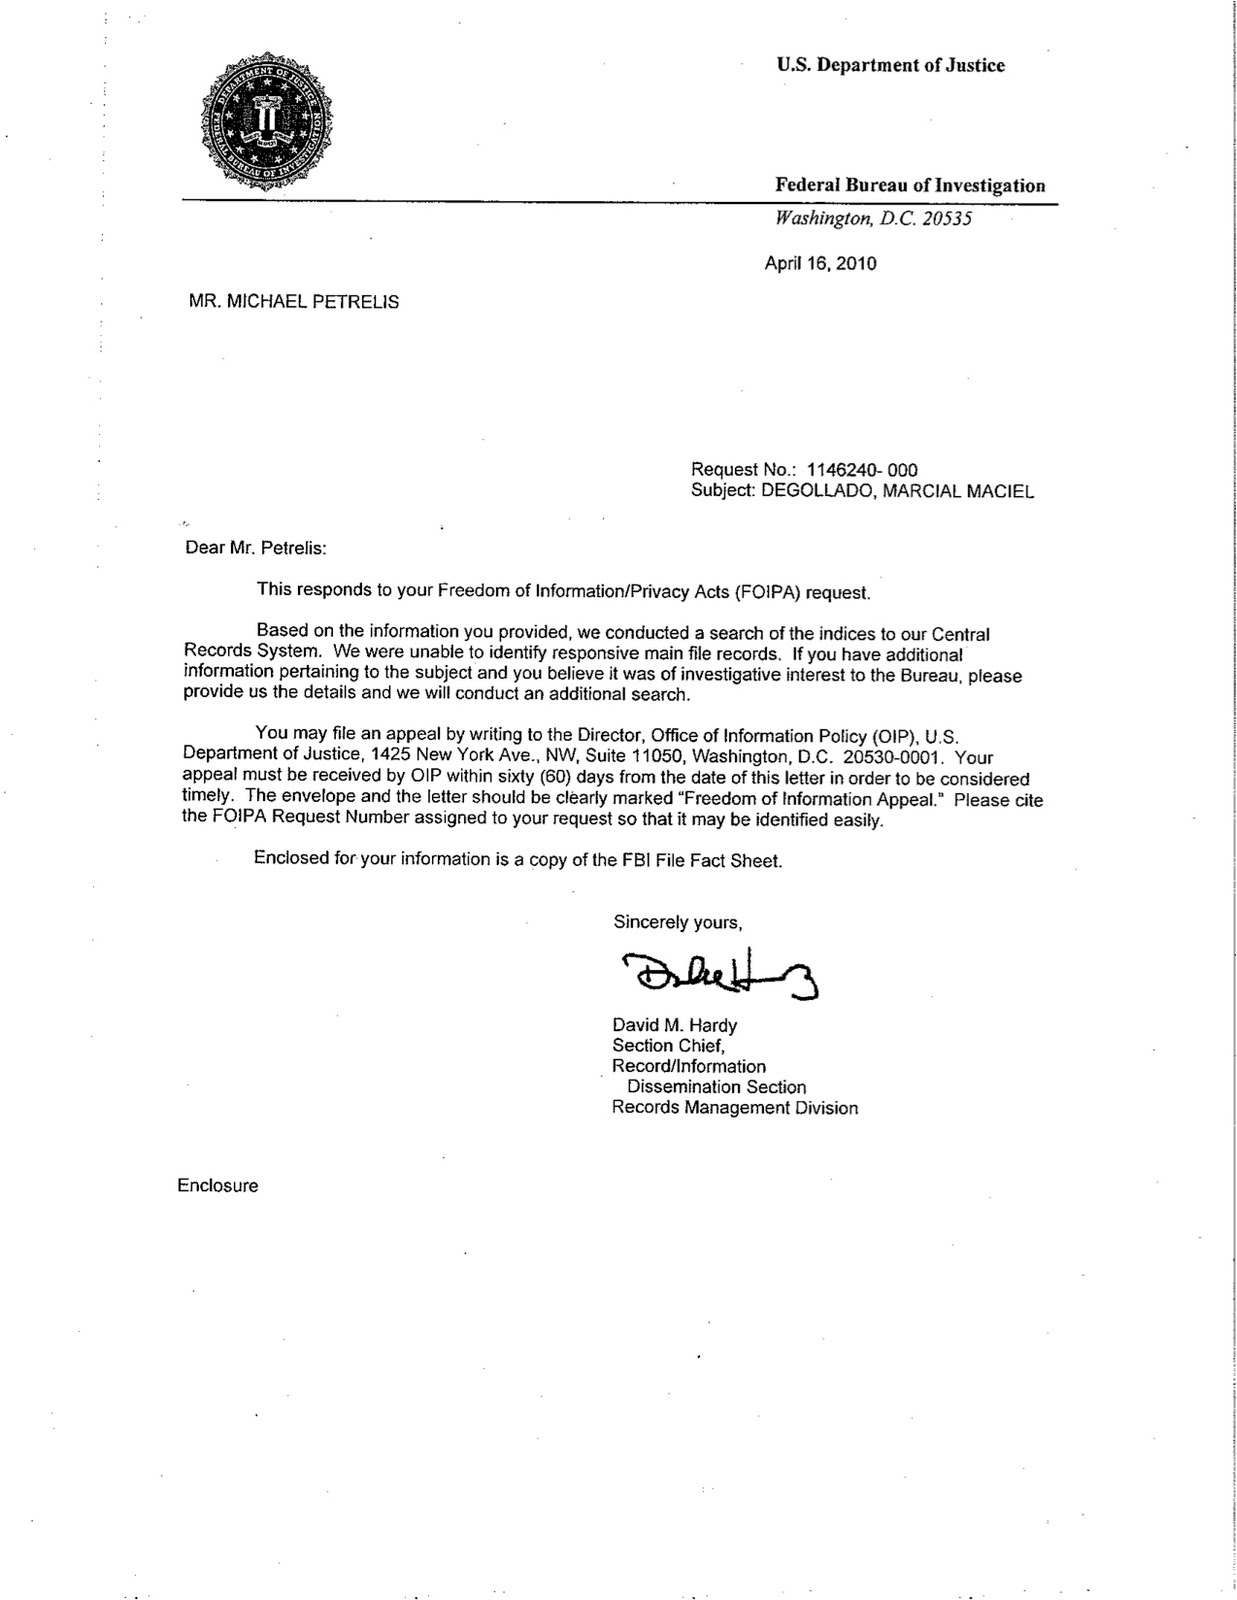 Petrelis Files April 2010